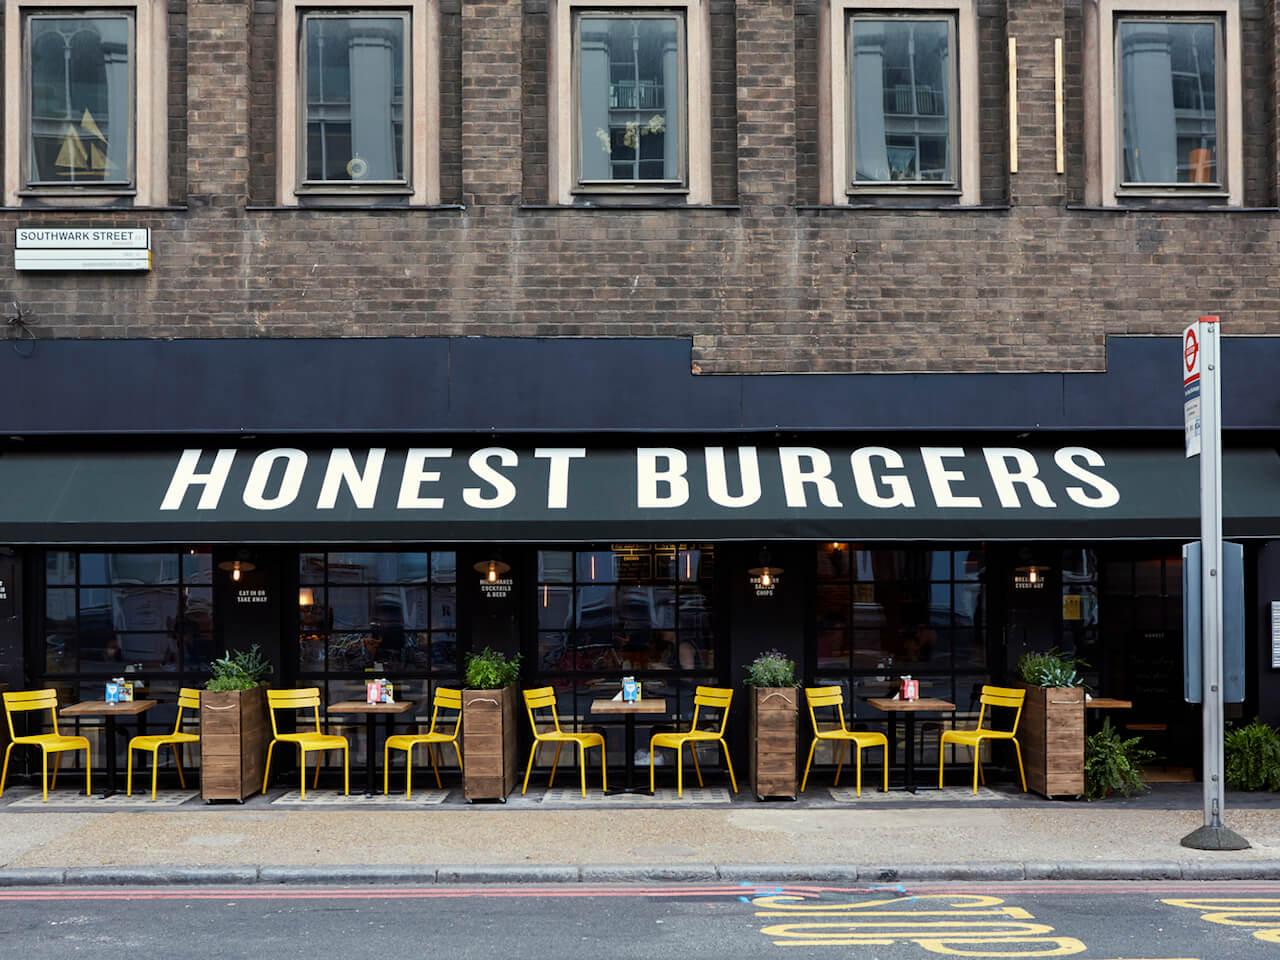 Borough Restaurant - Honest Burgers